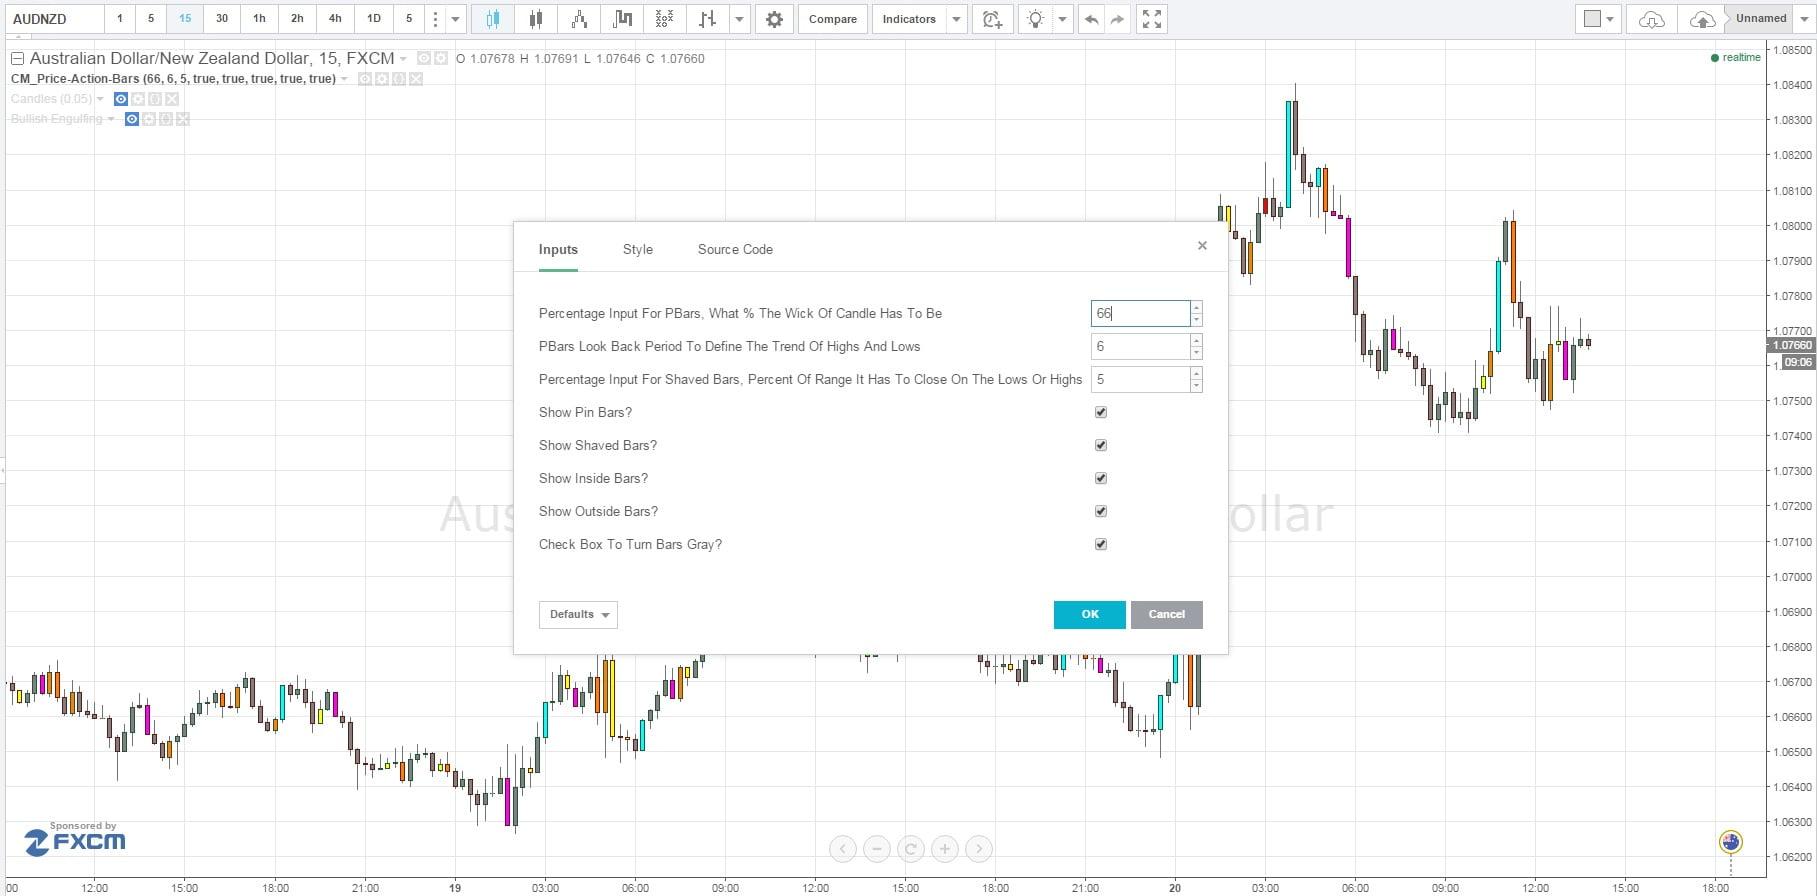 Индикатор CM_Price-Action-Bars на Tradingview - настройка